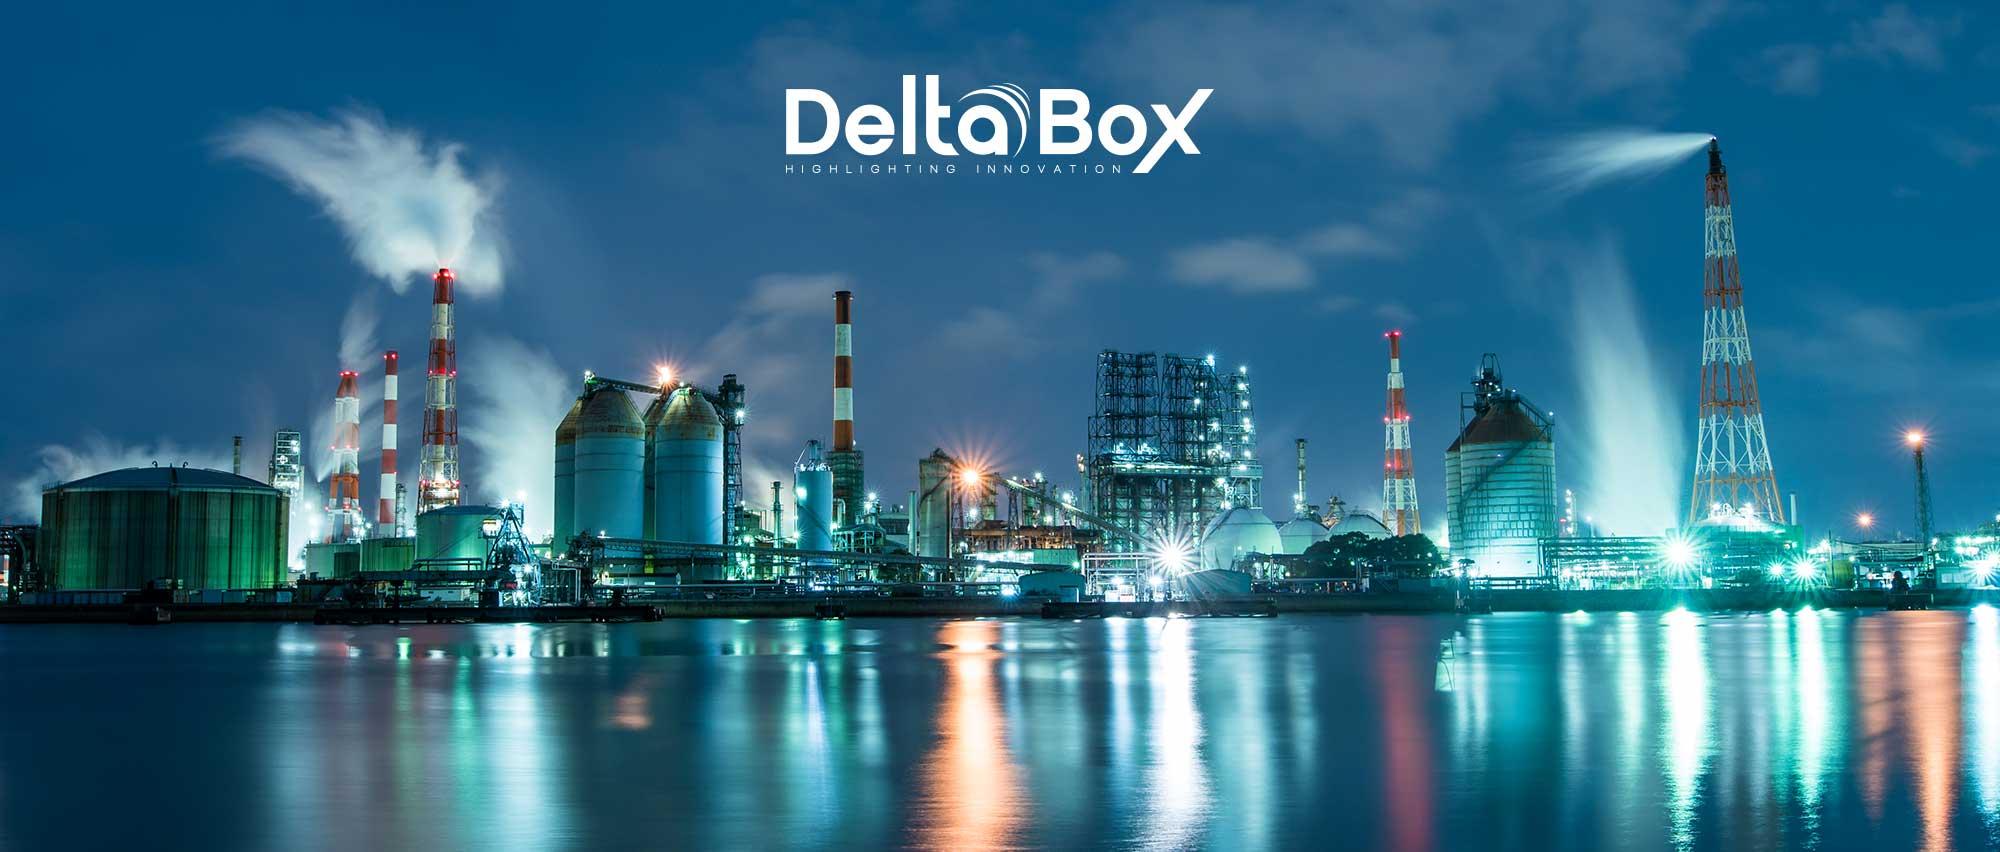 ikadia_deltabox_fond2.jpg